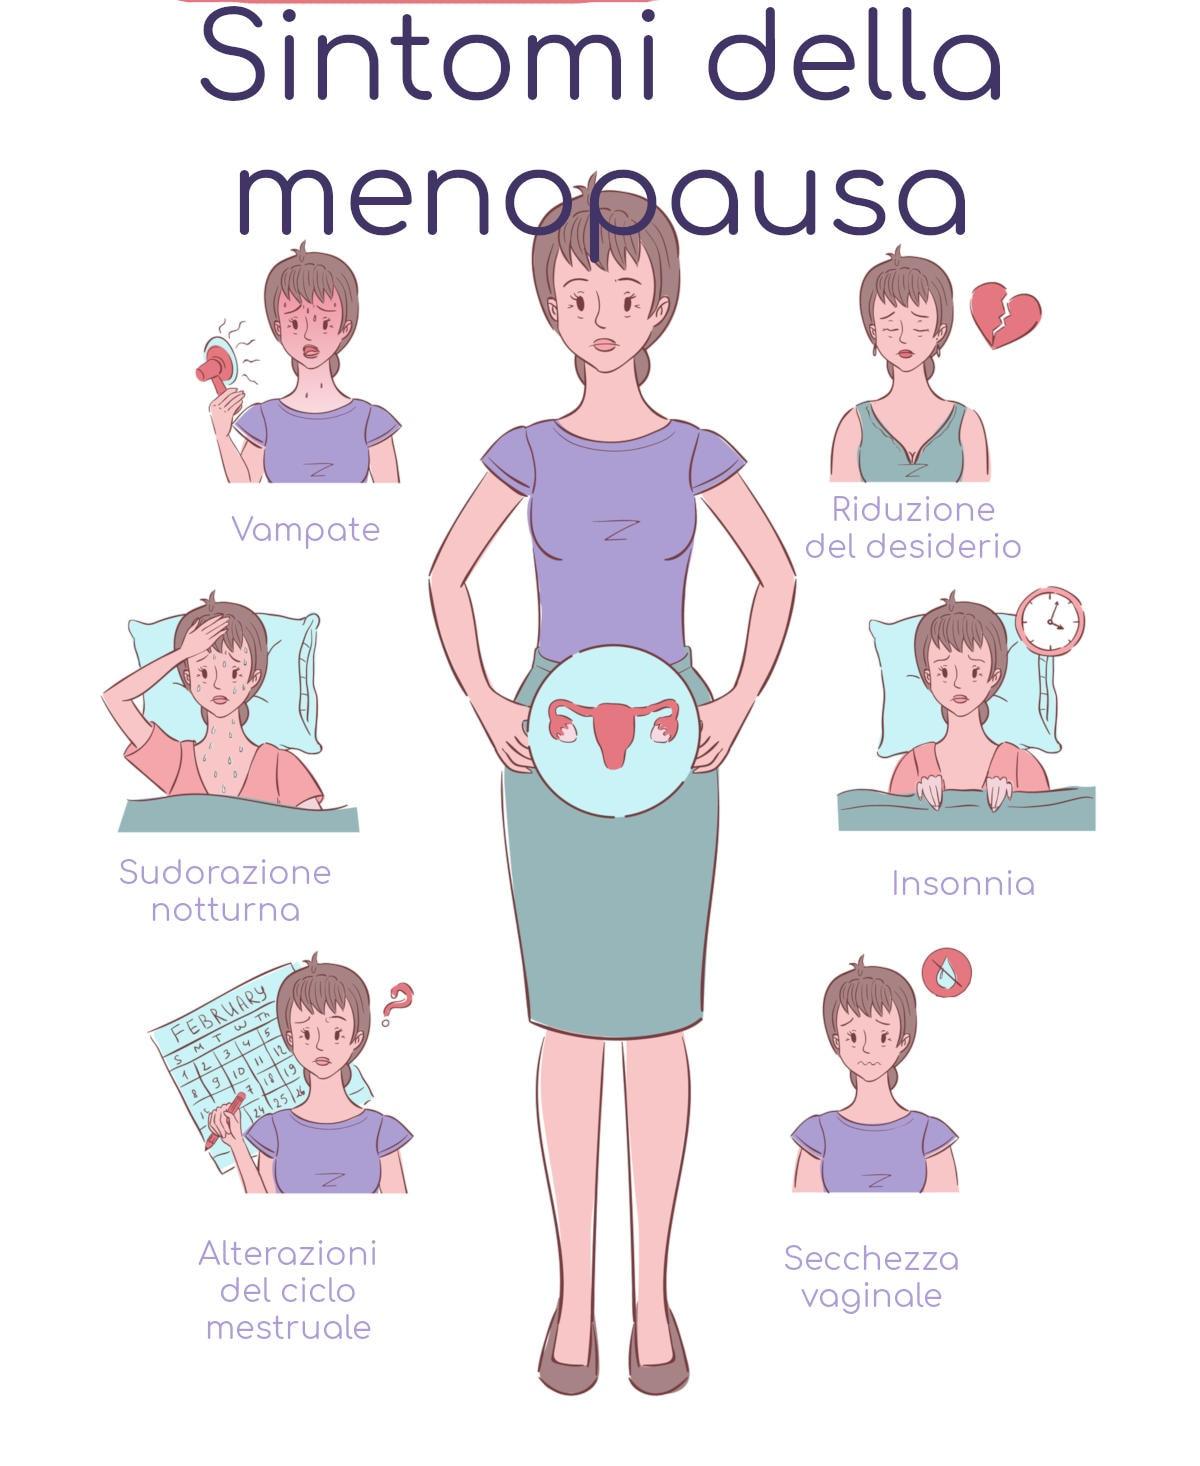 Infografica semplificata con i sintomi comuni della menopausa